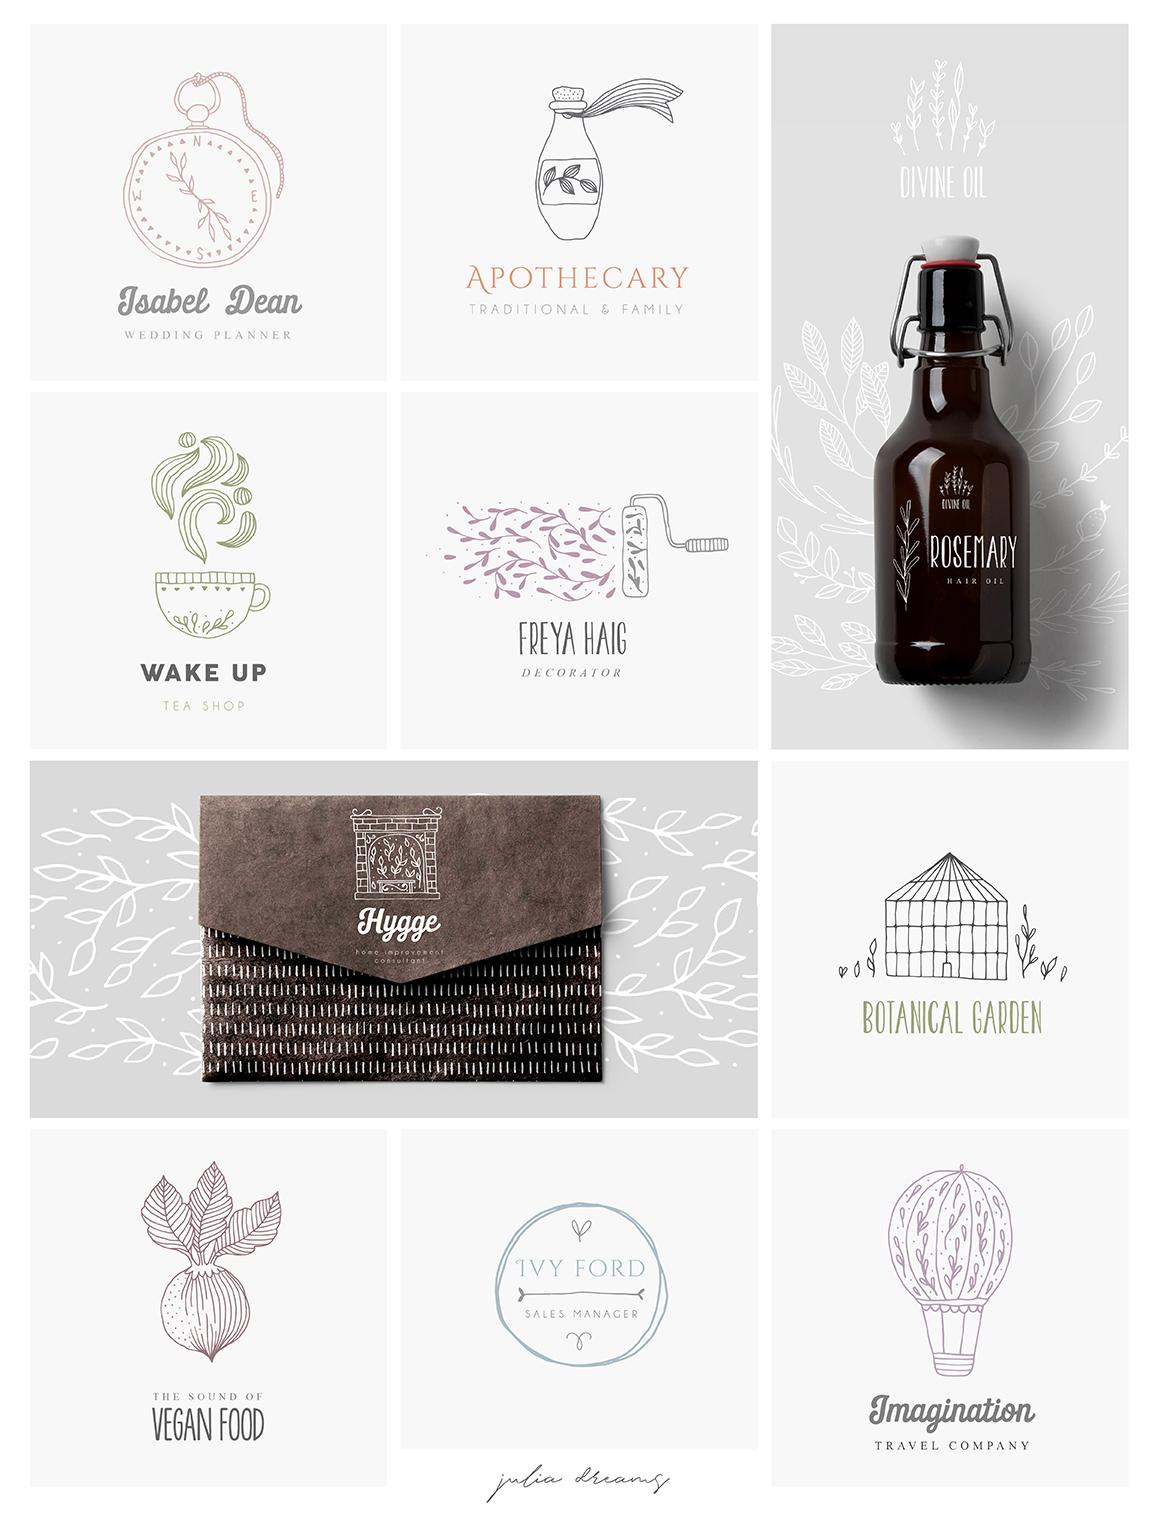 柔美手绘花卉植物元素徽标标志设计矢量素材 Hygge Collection插图(7)